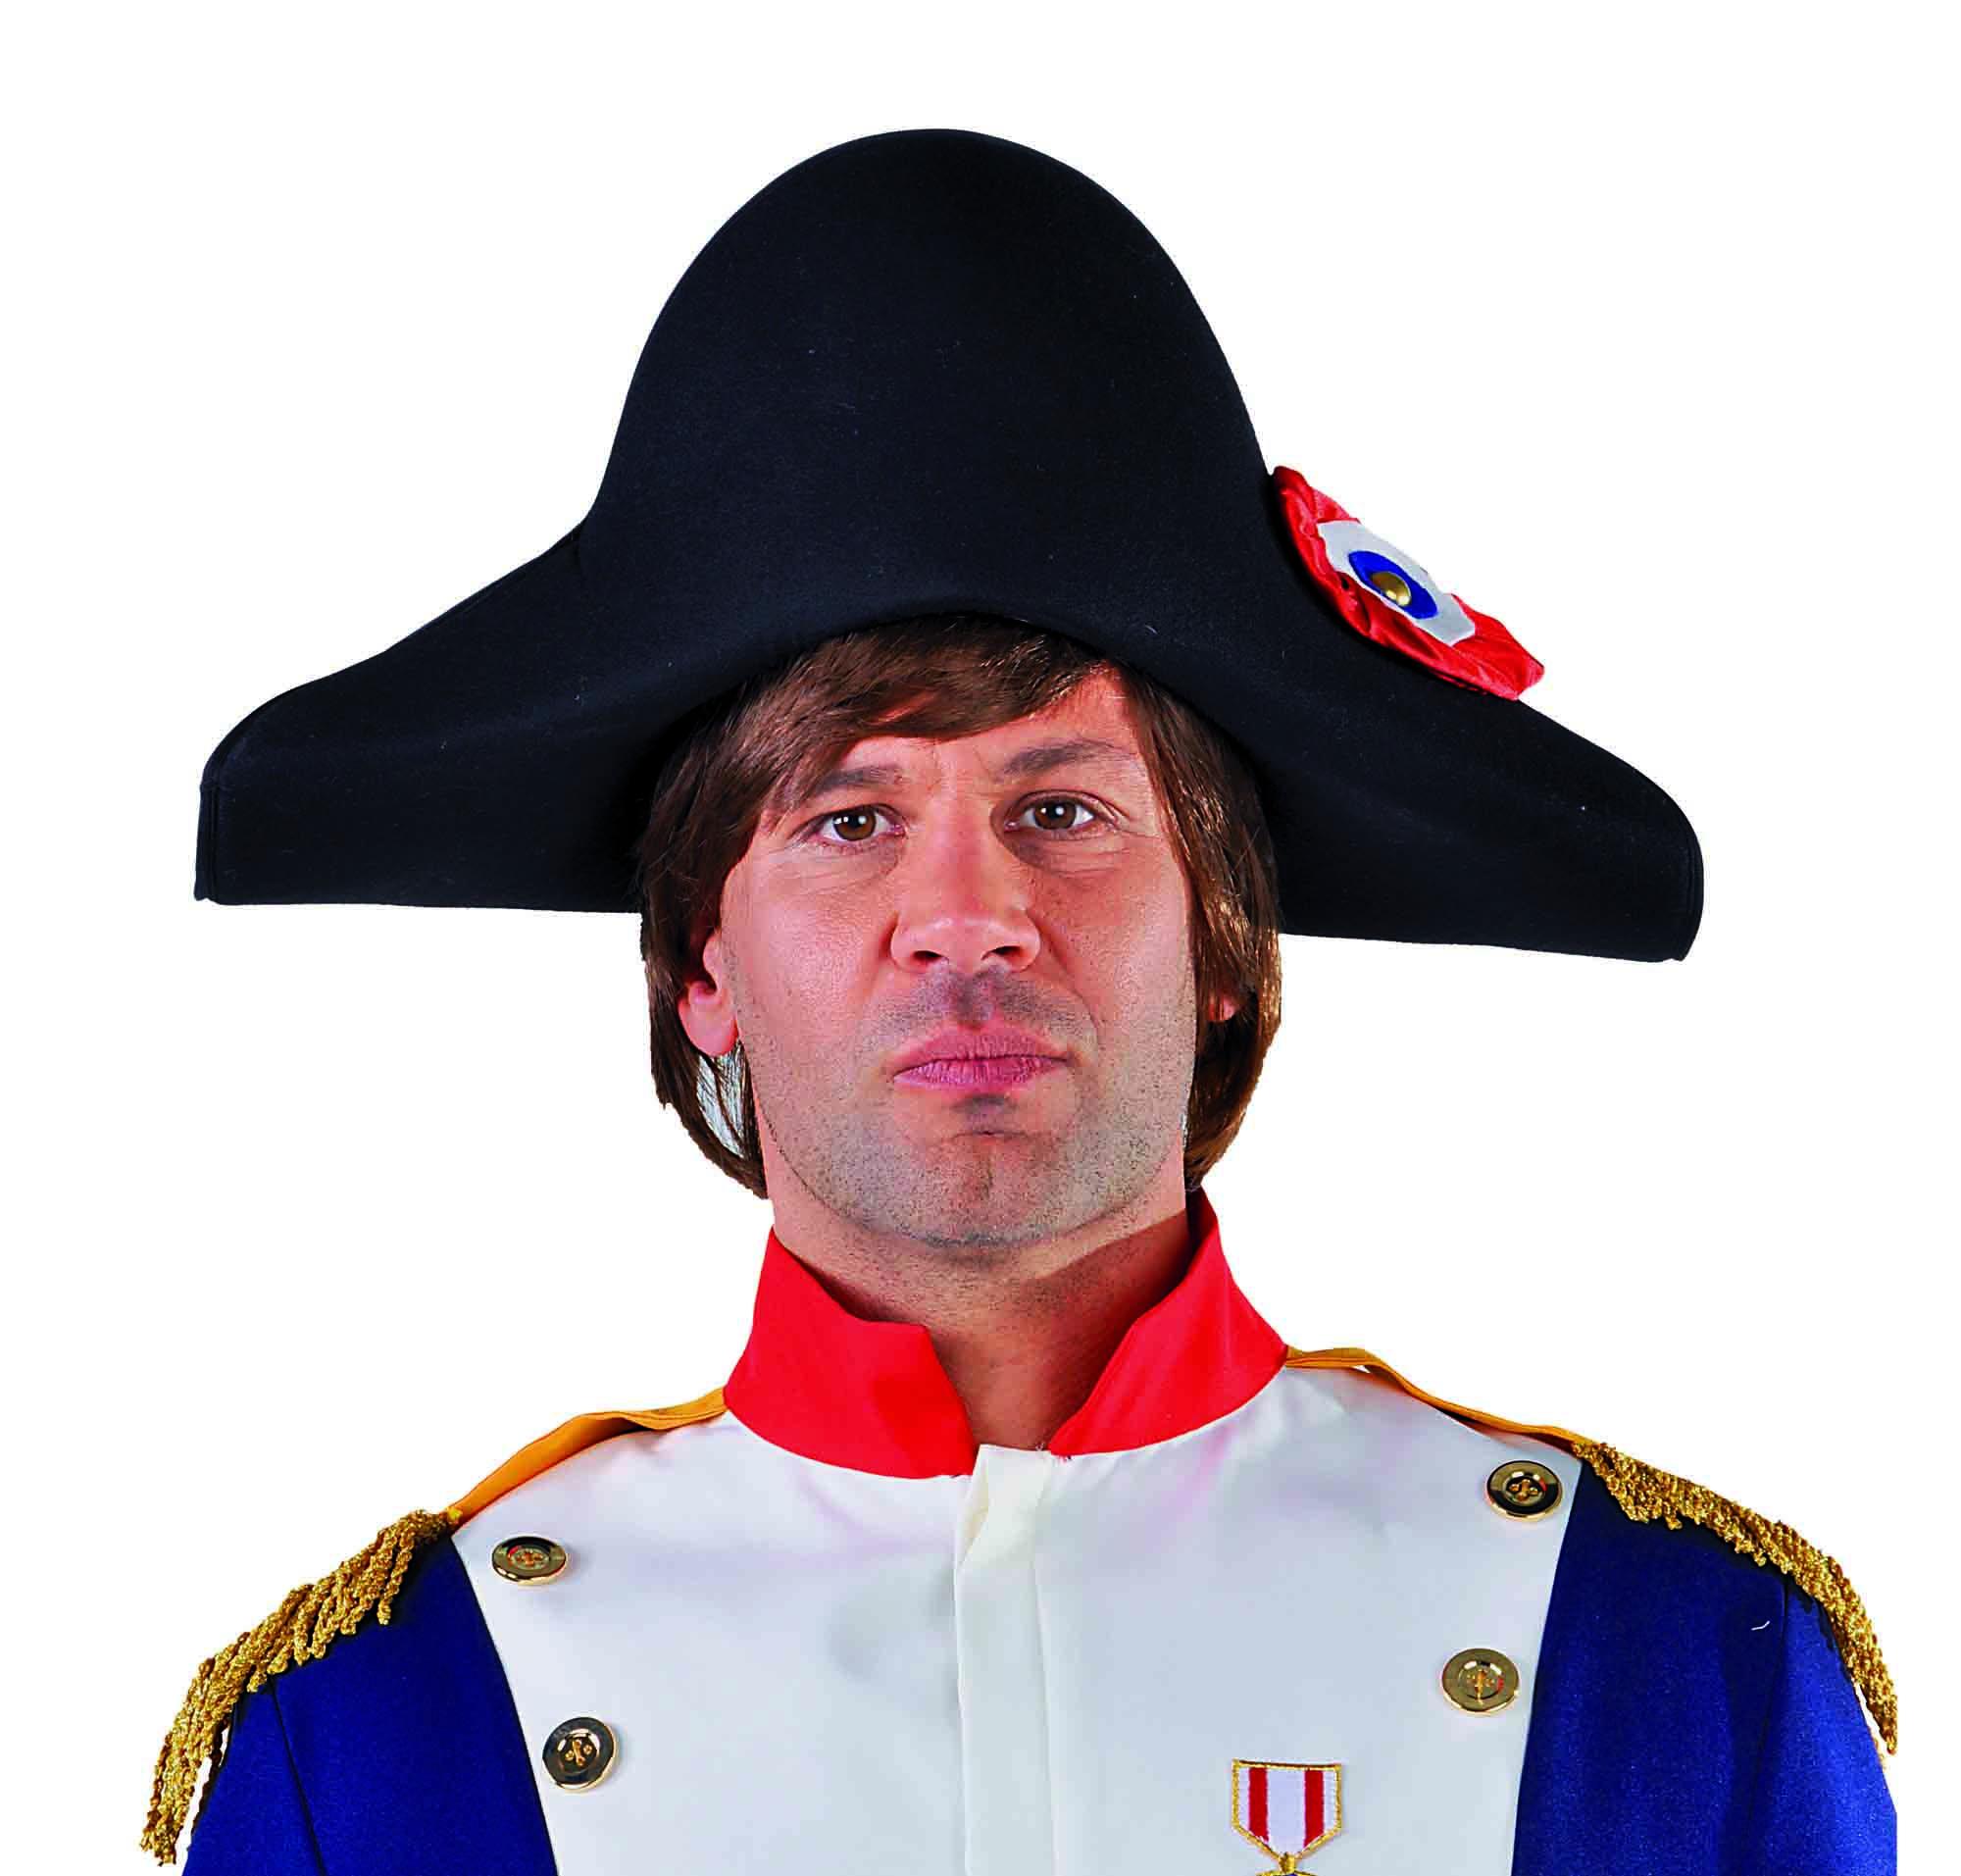 Napoleonhoed met rozet-0